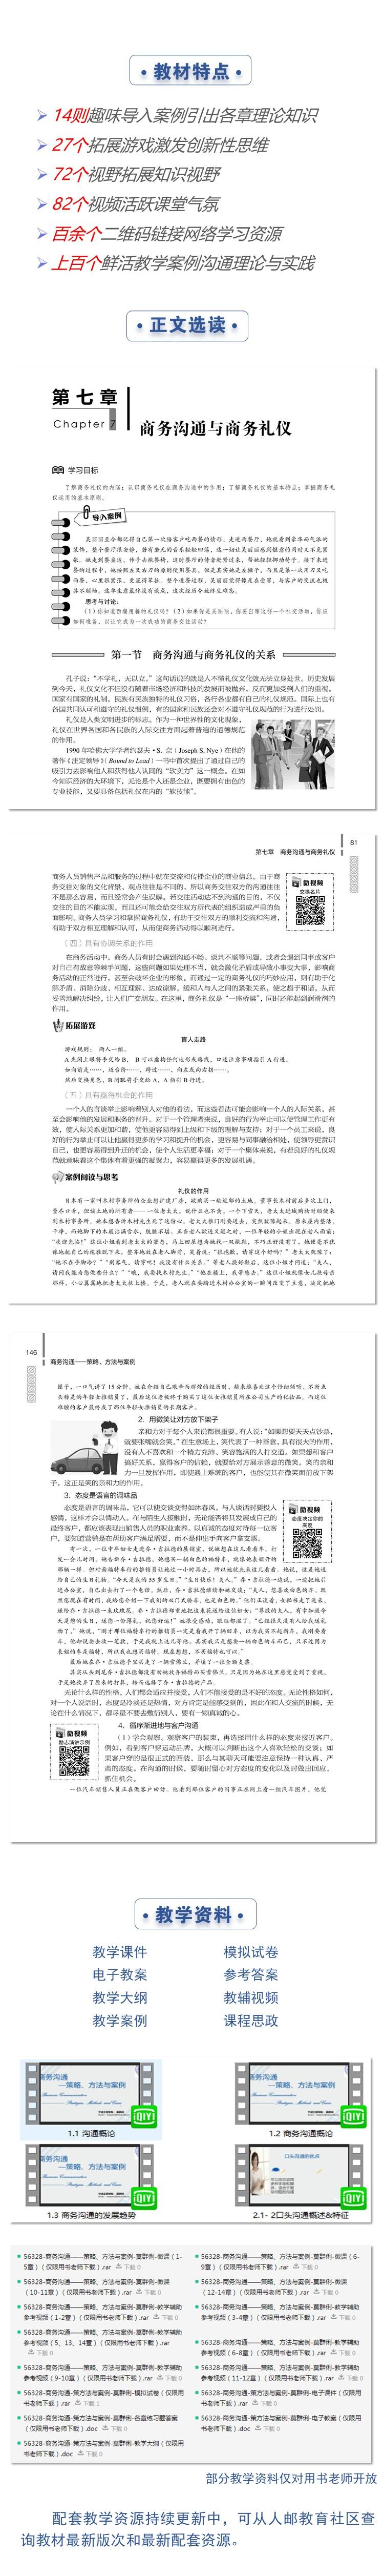 本书详情页